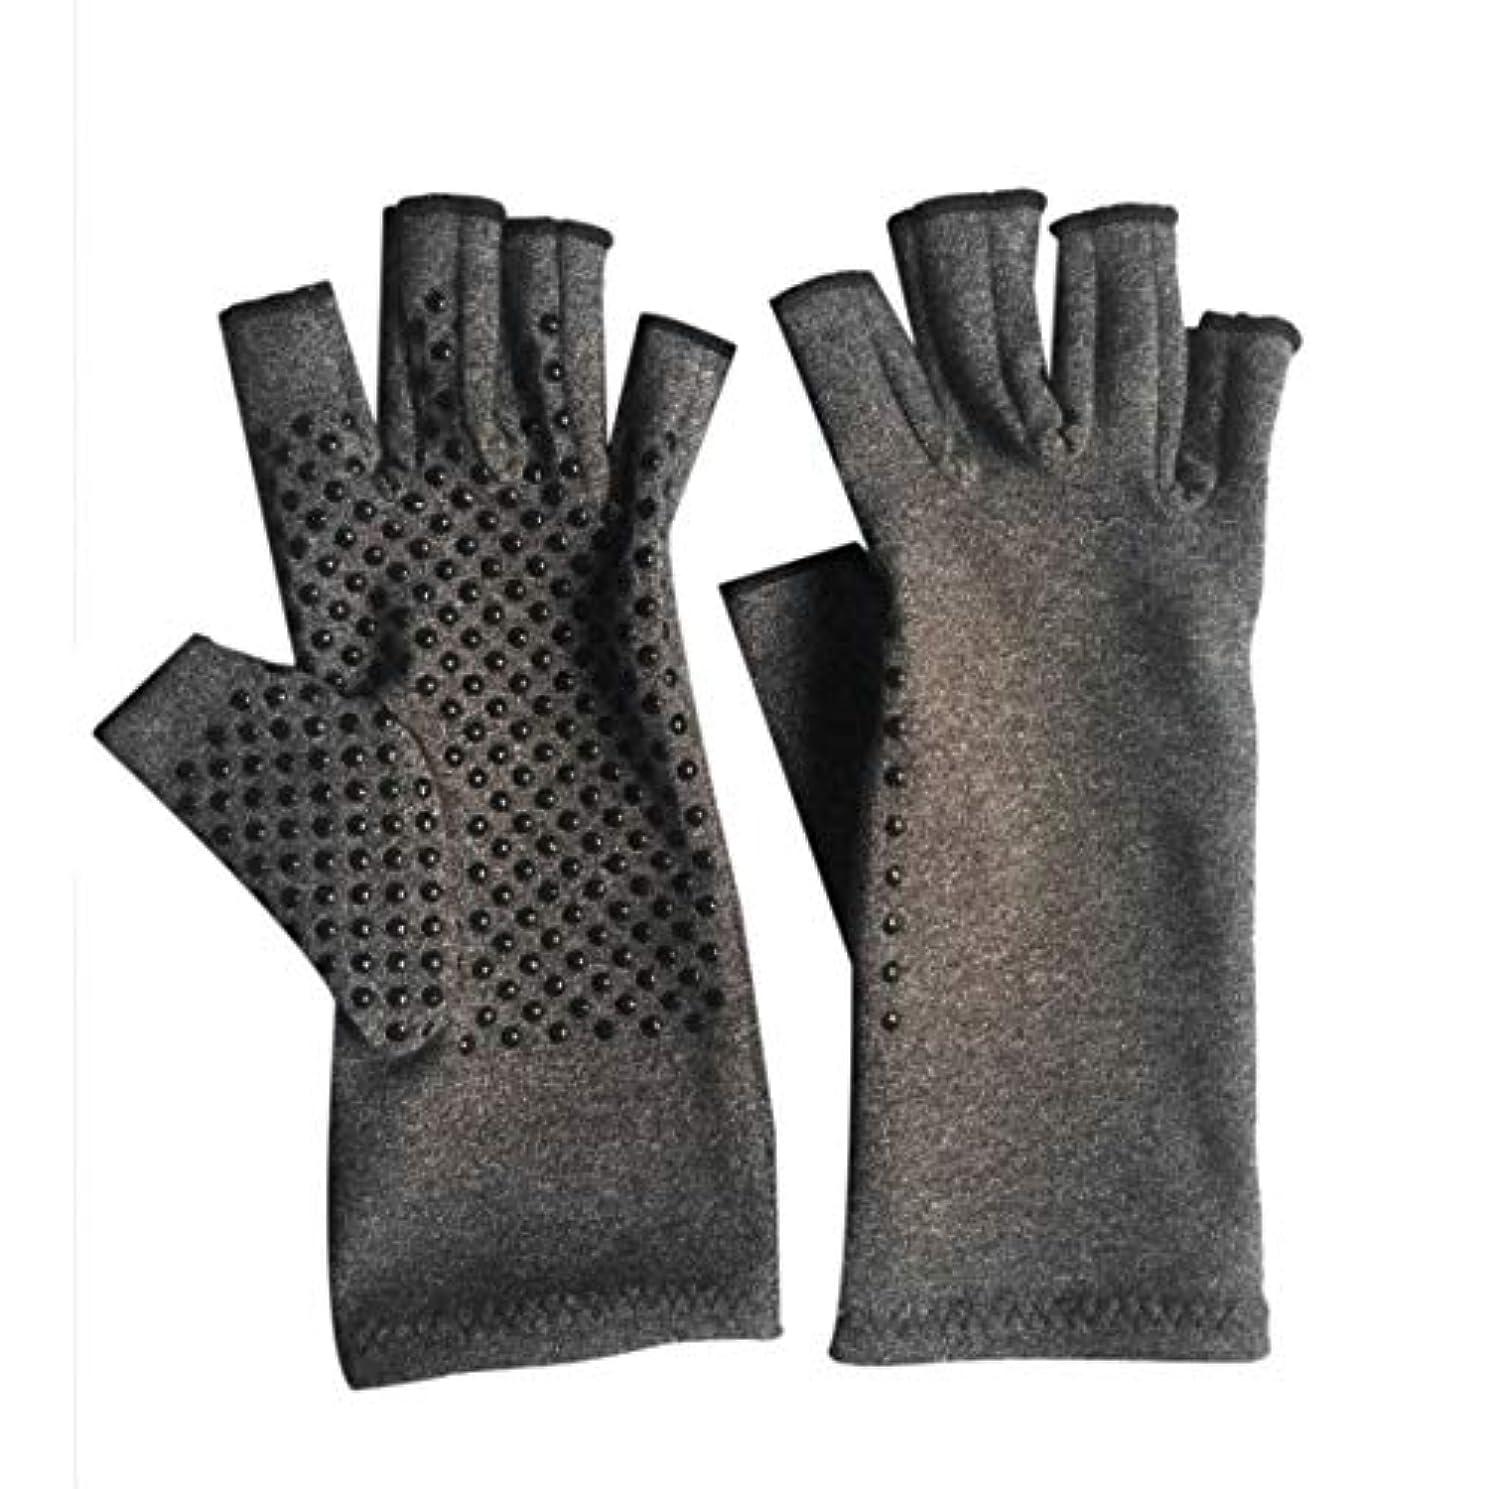 過言団結する匹敵します1ペアユニセックス男性女性療法圧縮手袋関節炎関節痛緩和ヘルスケア半指手袋トレーニング手袋 - グレーM